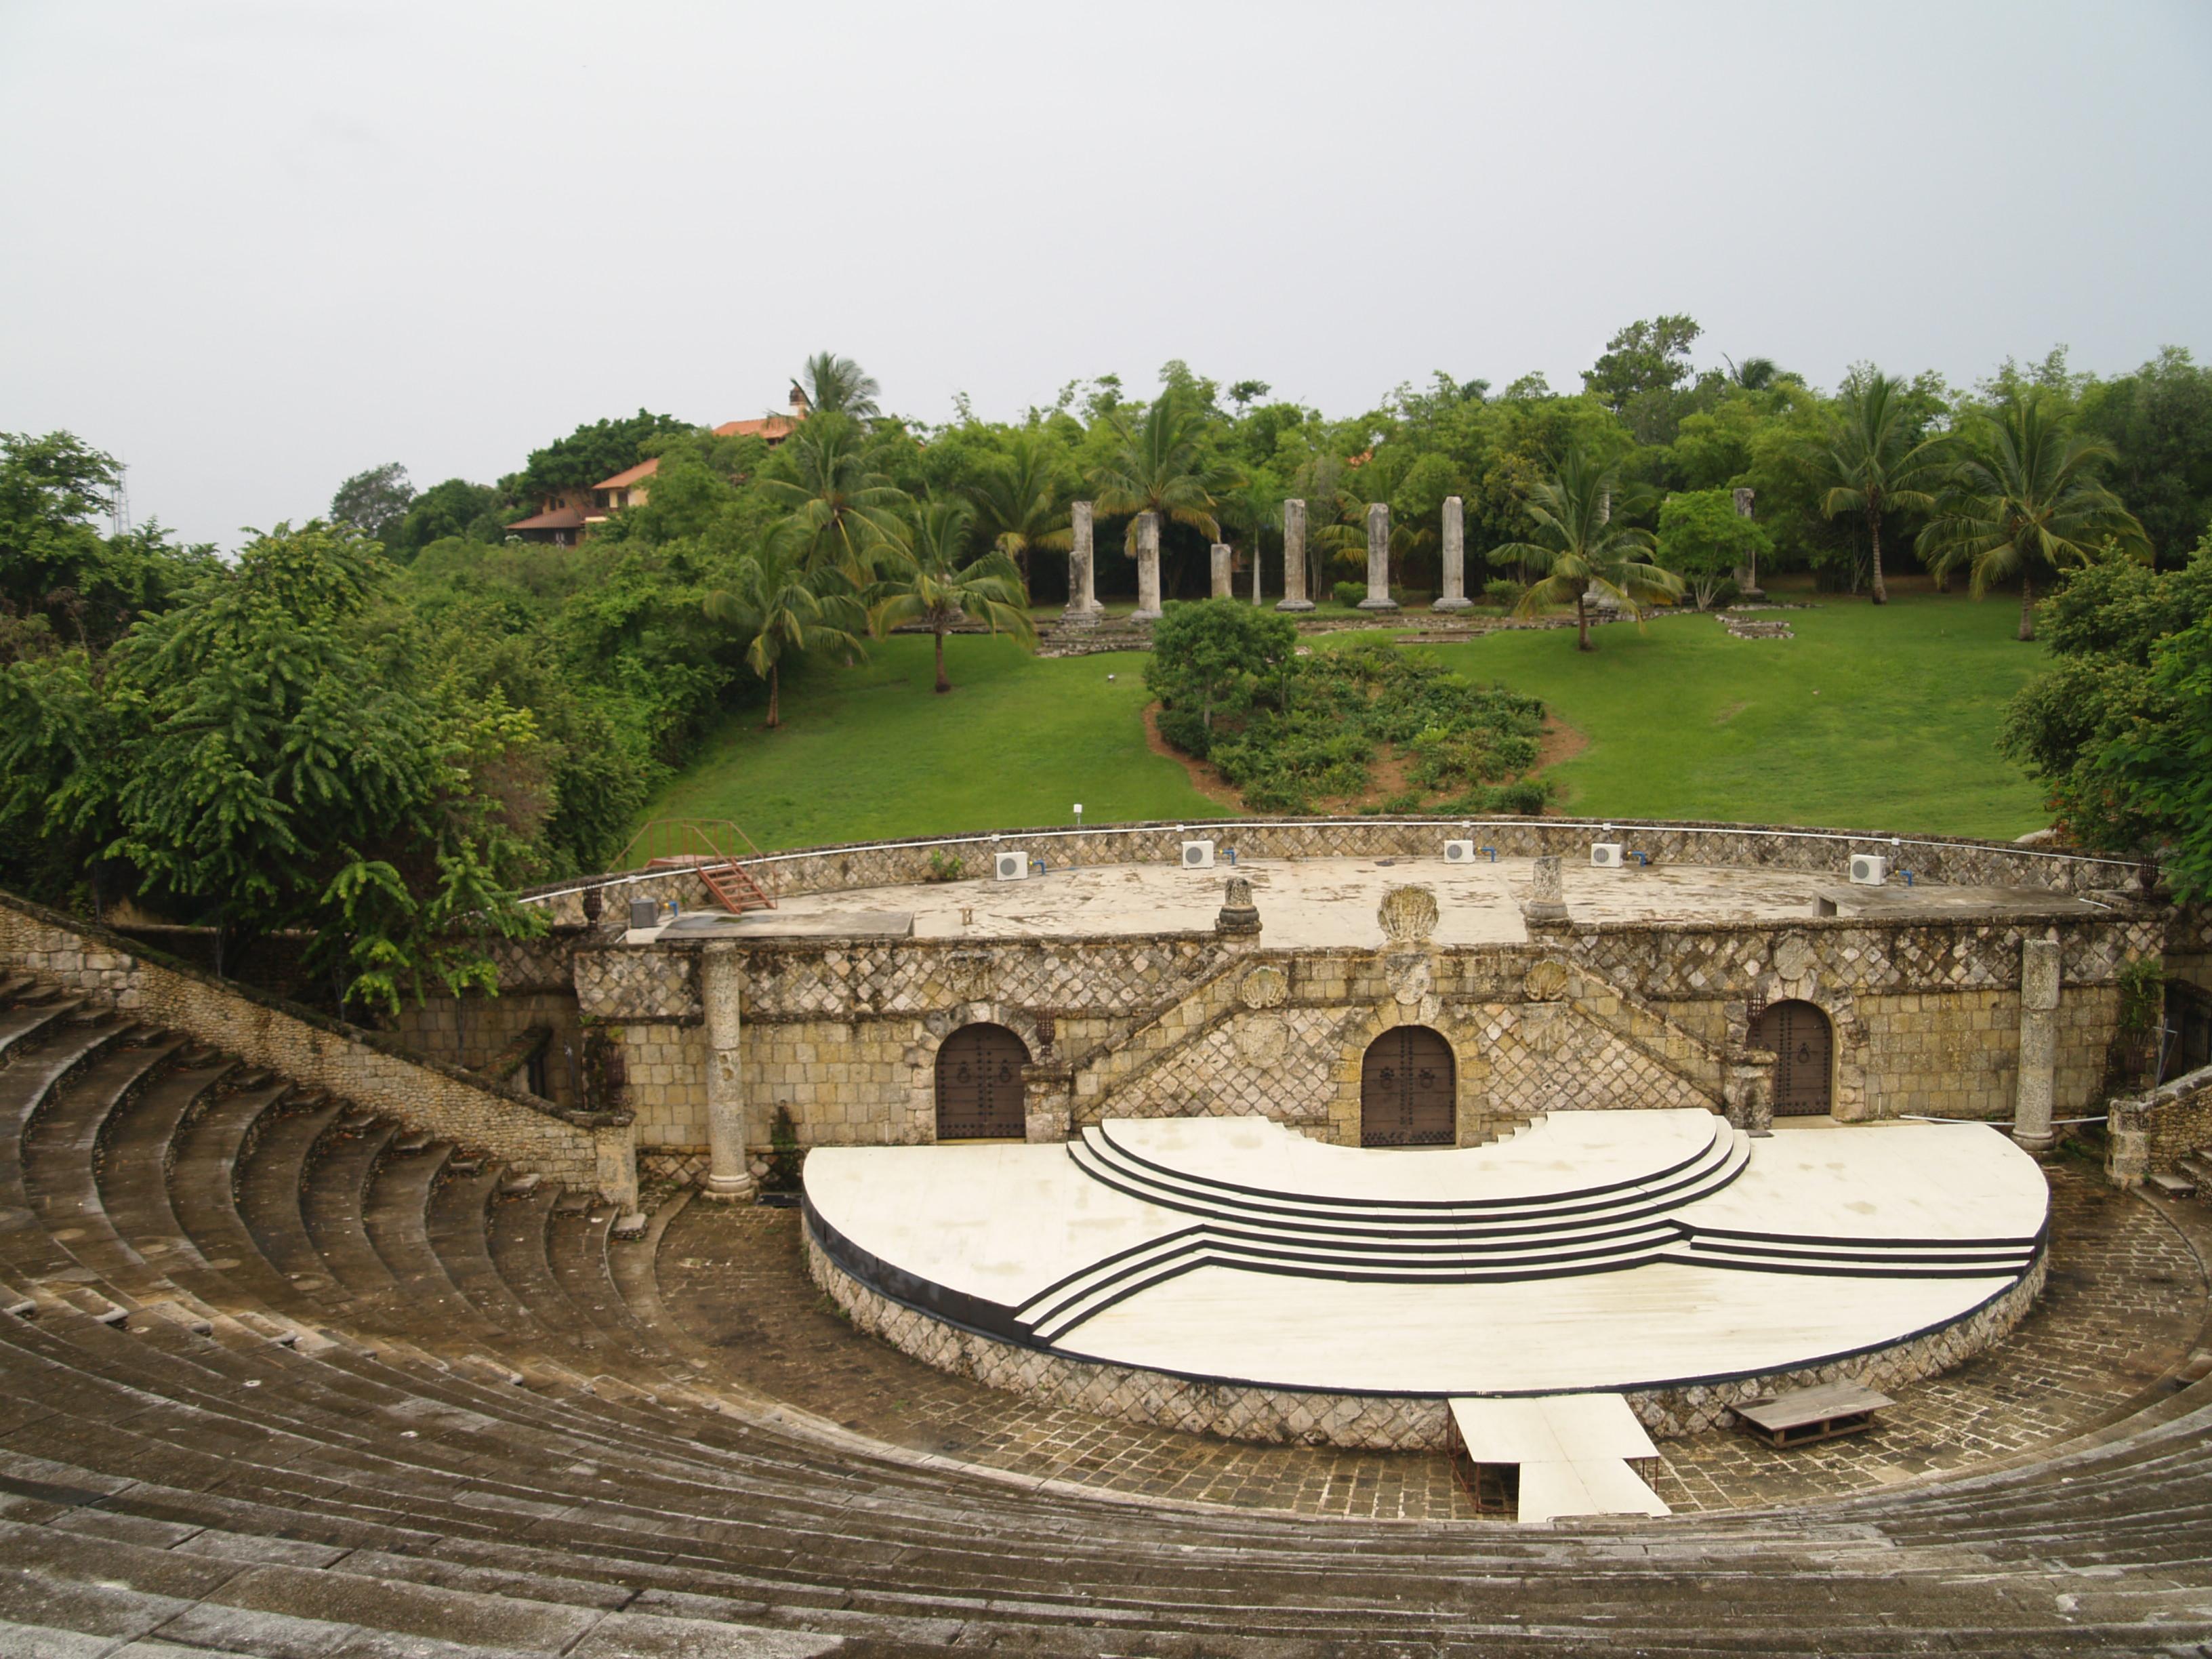 Les 5 meilleurs sites à visiter dans la République Dominicaine - Chavon